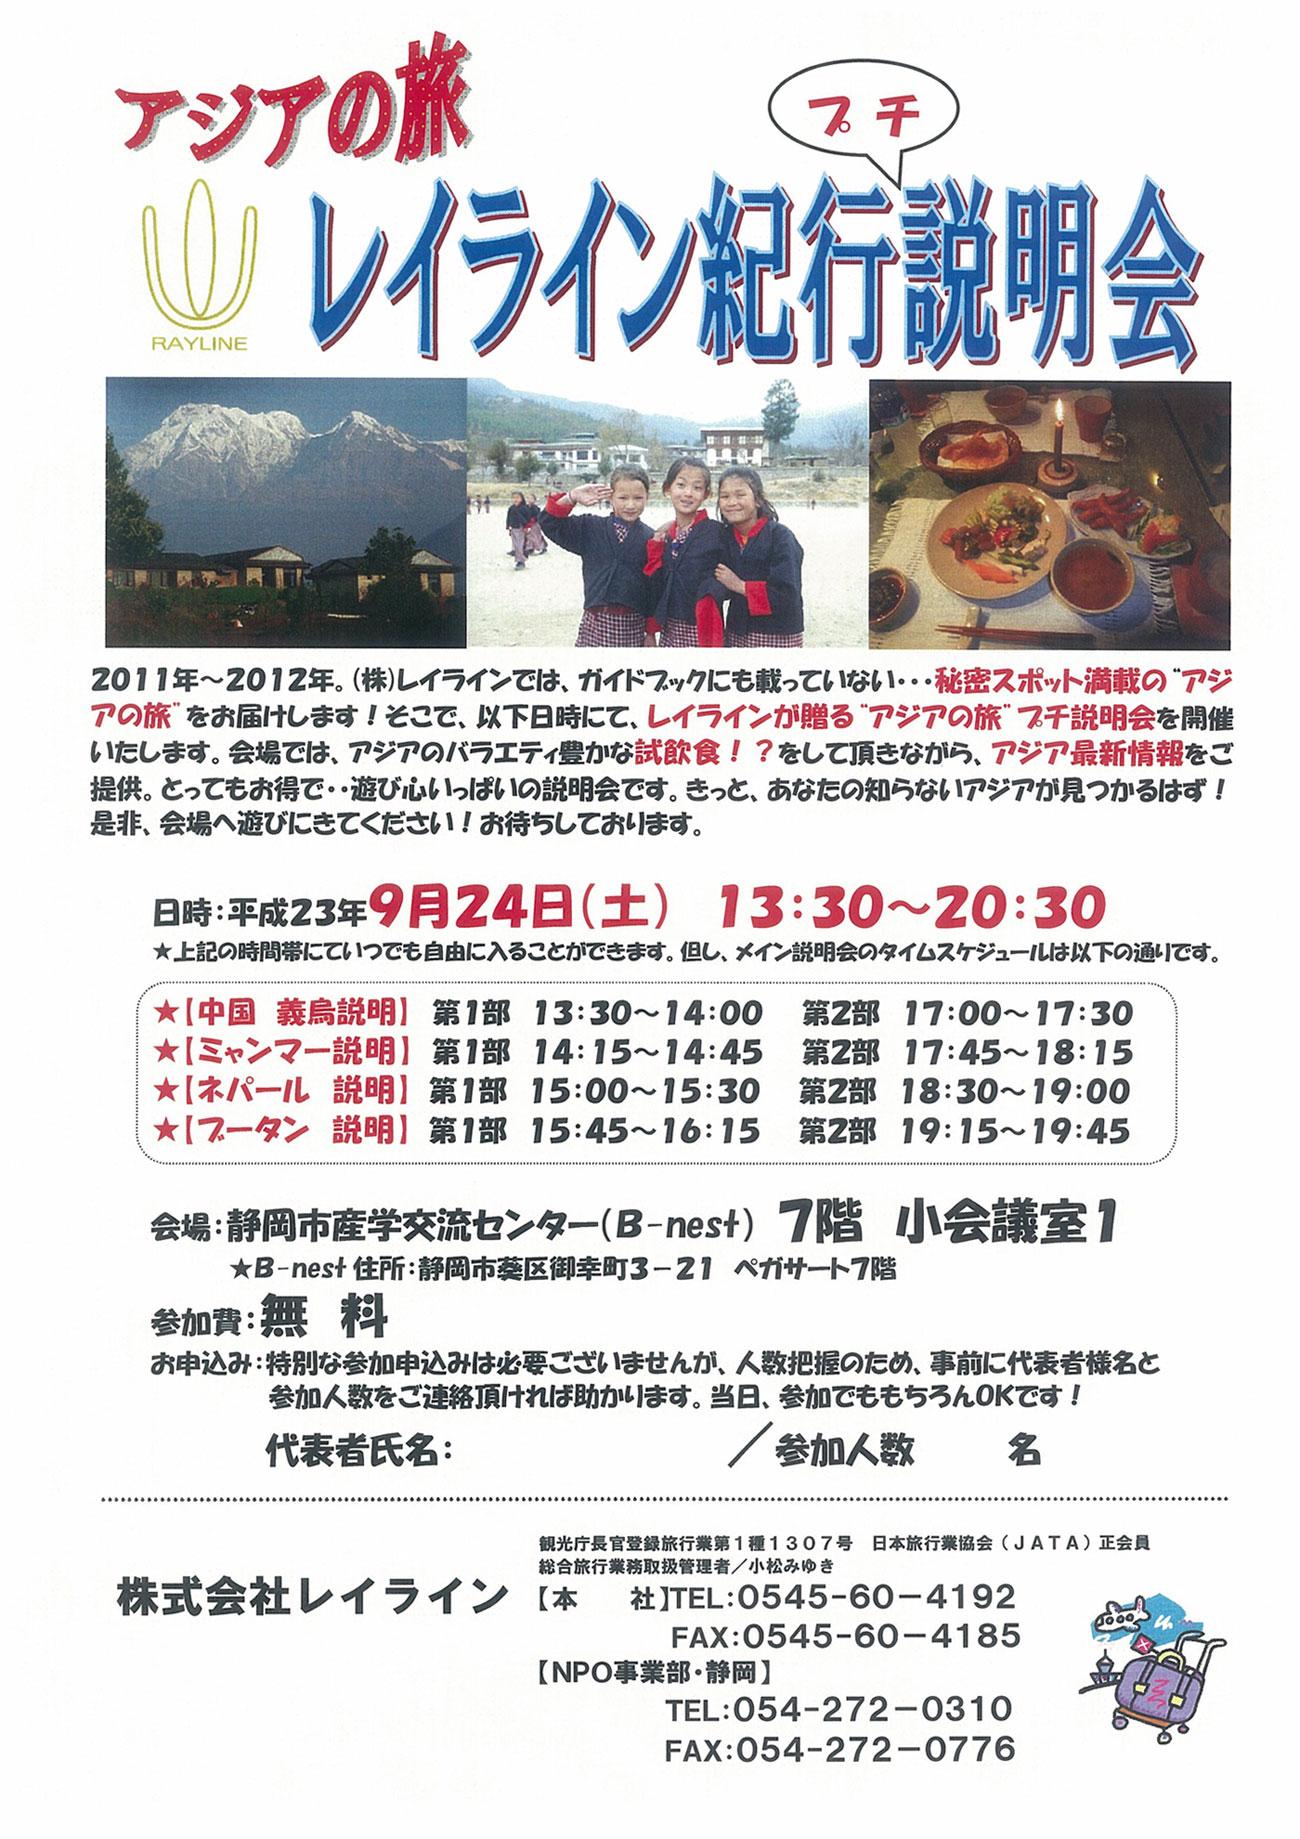 9月24日(土)アジアの旅レイライン説明会のご案内